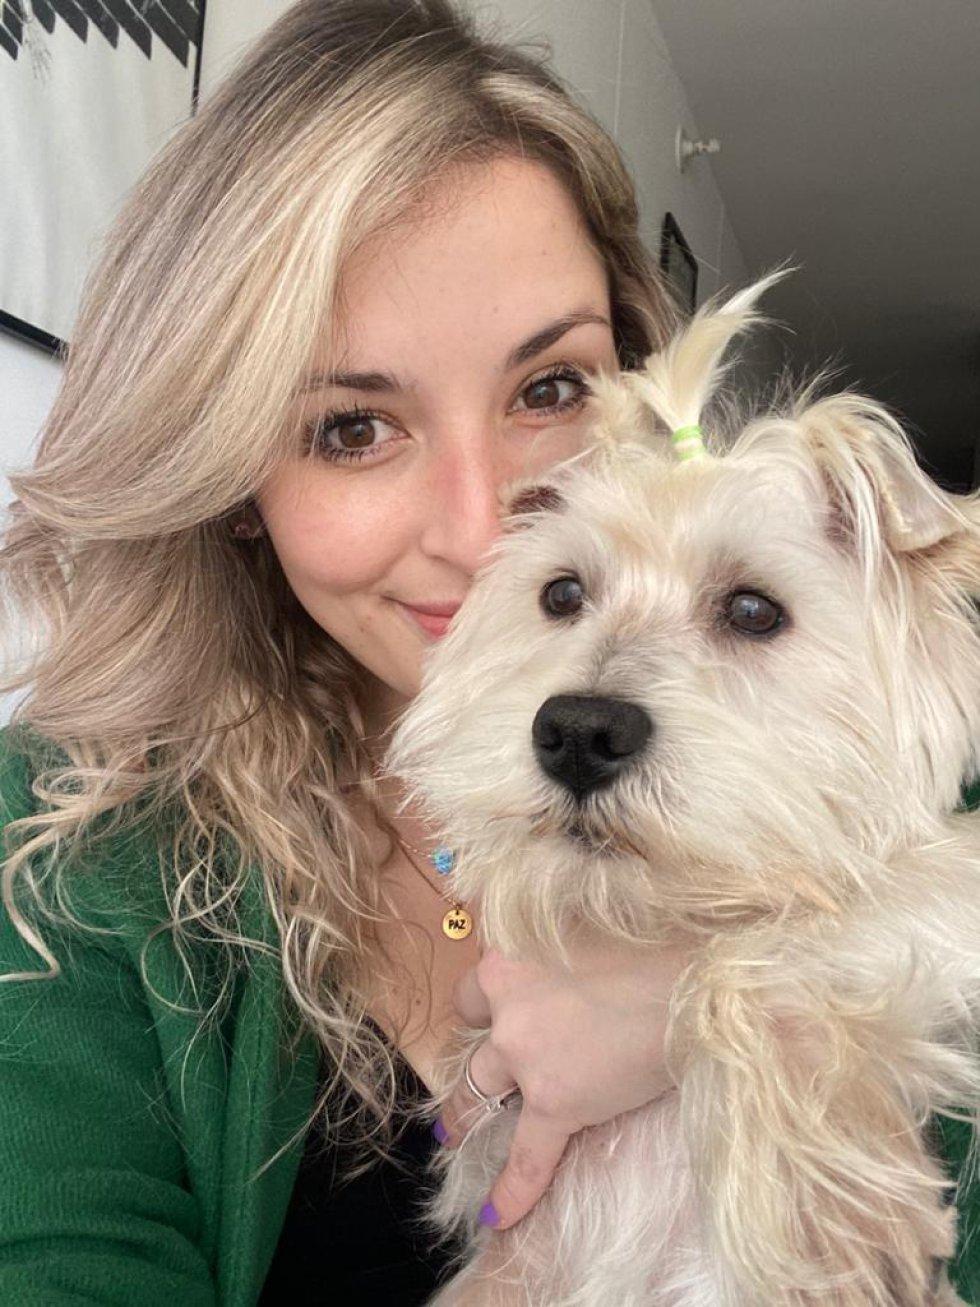 El amor de una mascota es único e irrepetible //  Paola Sierra, Periodista Digital de Caracol Radio junto a 'Nico'